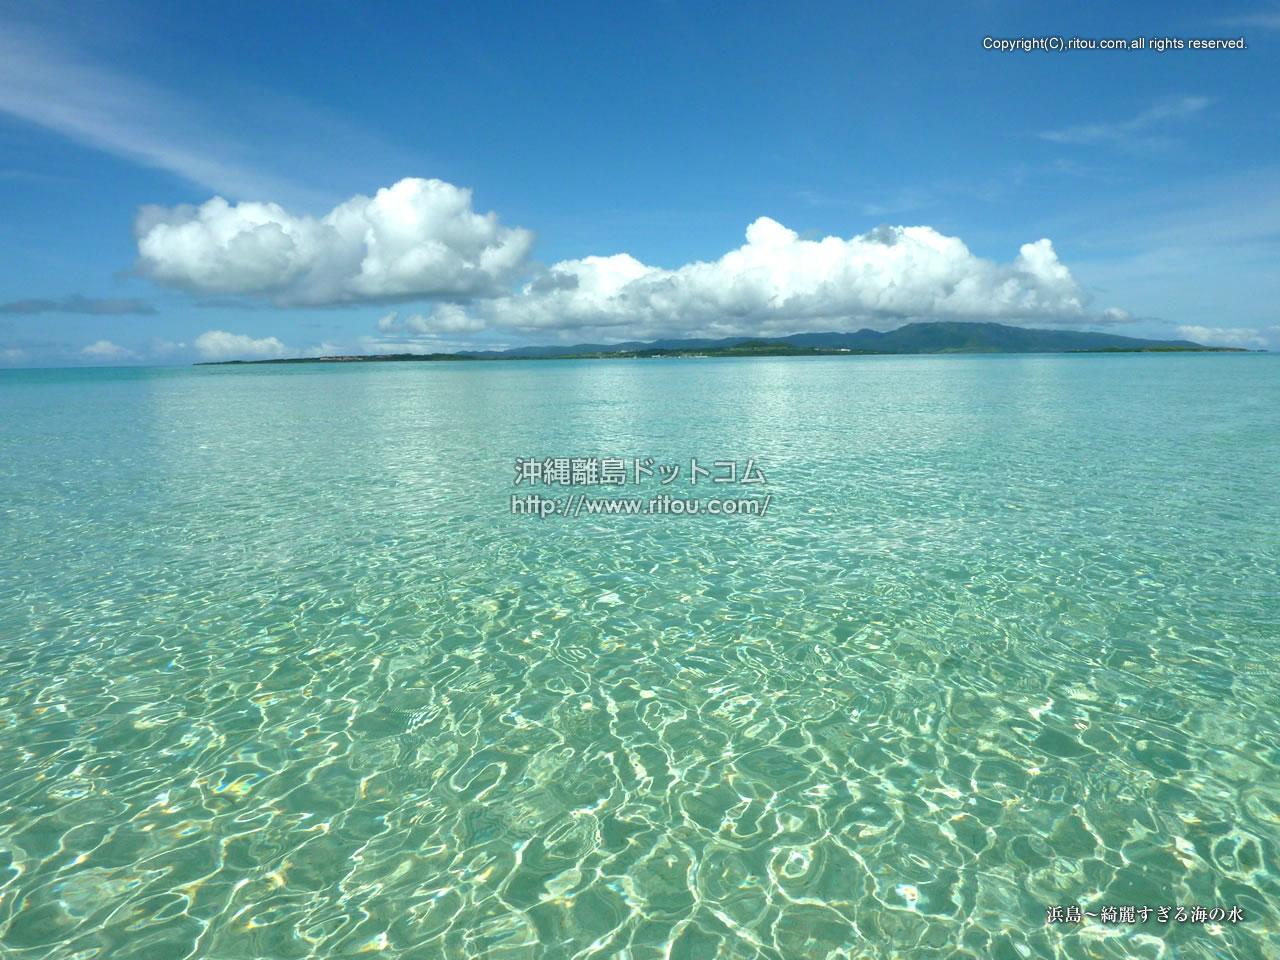 浜島〜綺麗すぎる海の水